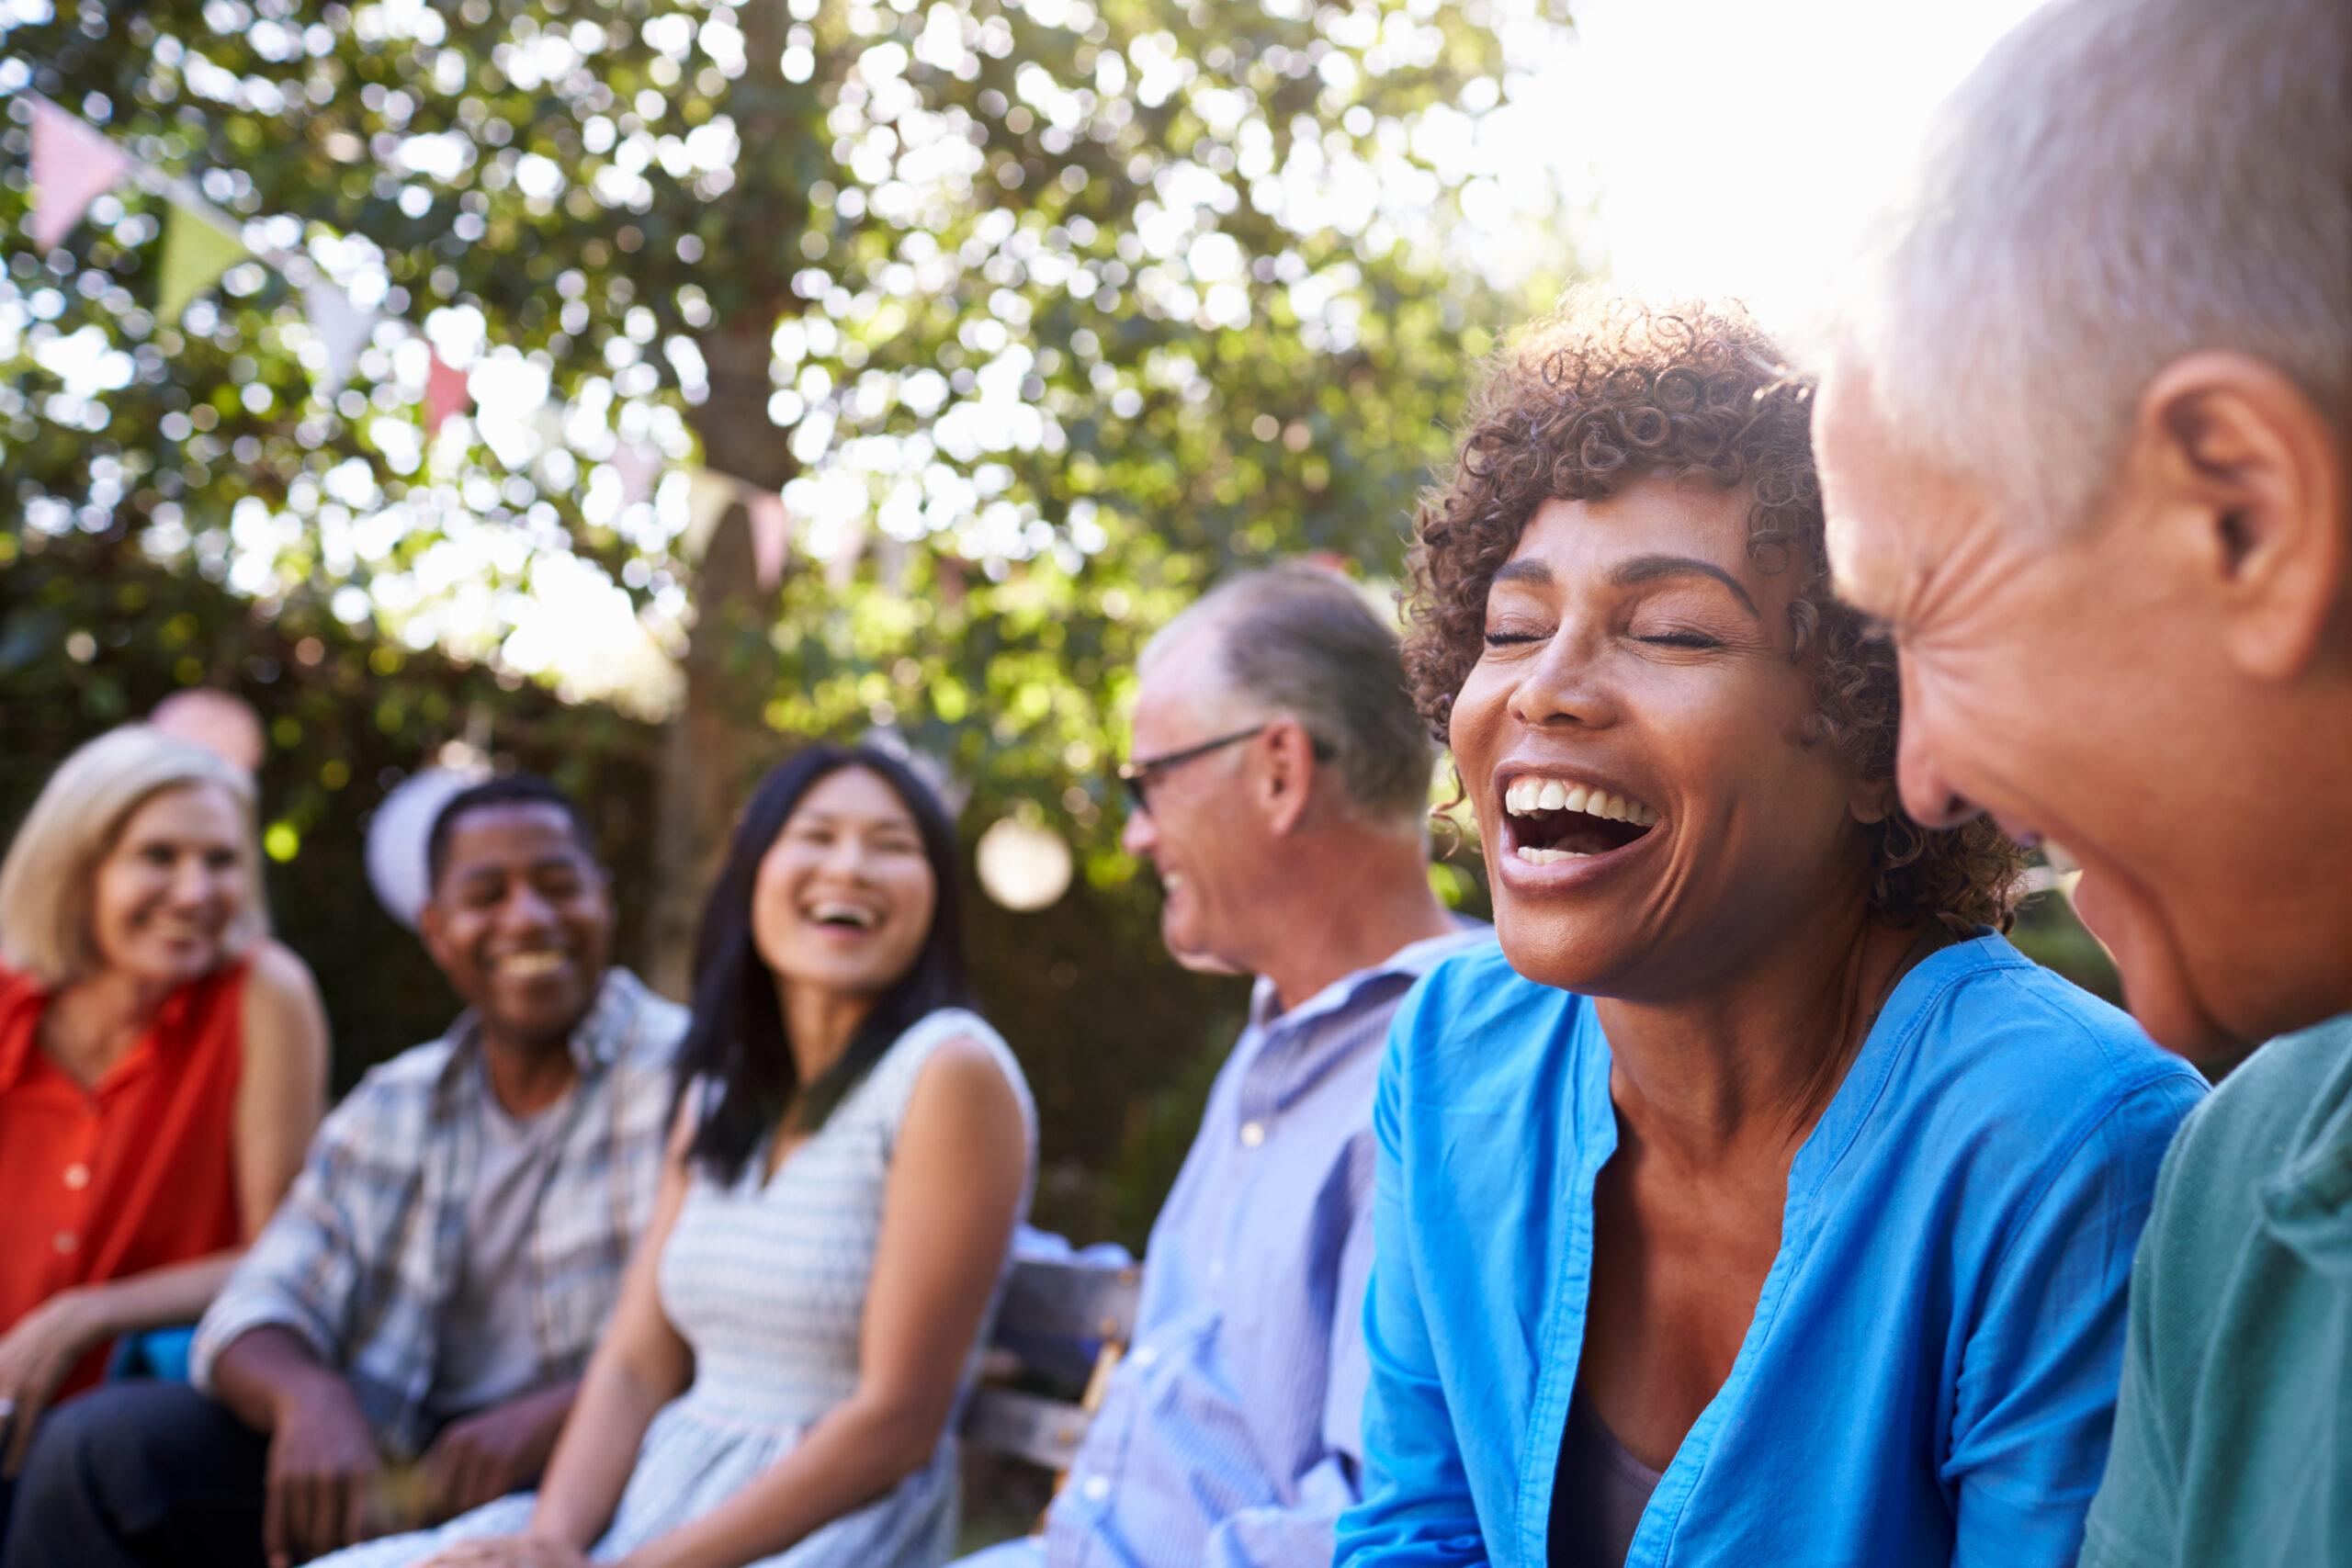 Seniors-laughing-outside-enjoying-community-connection